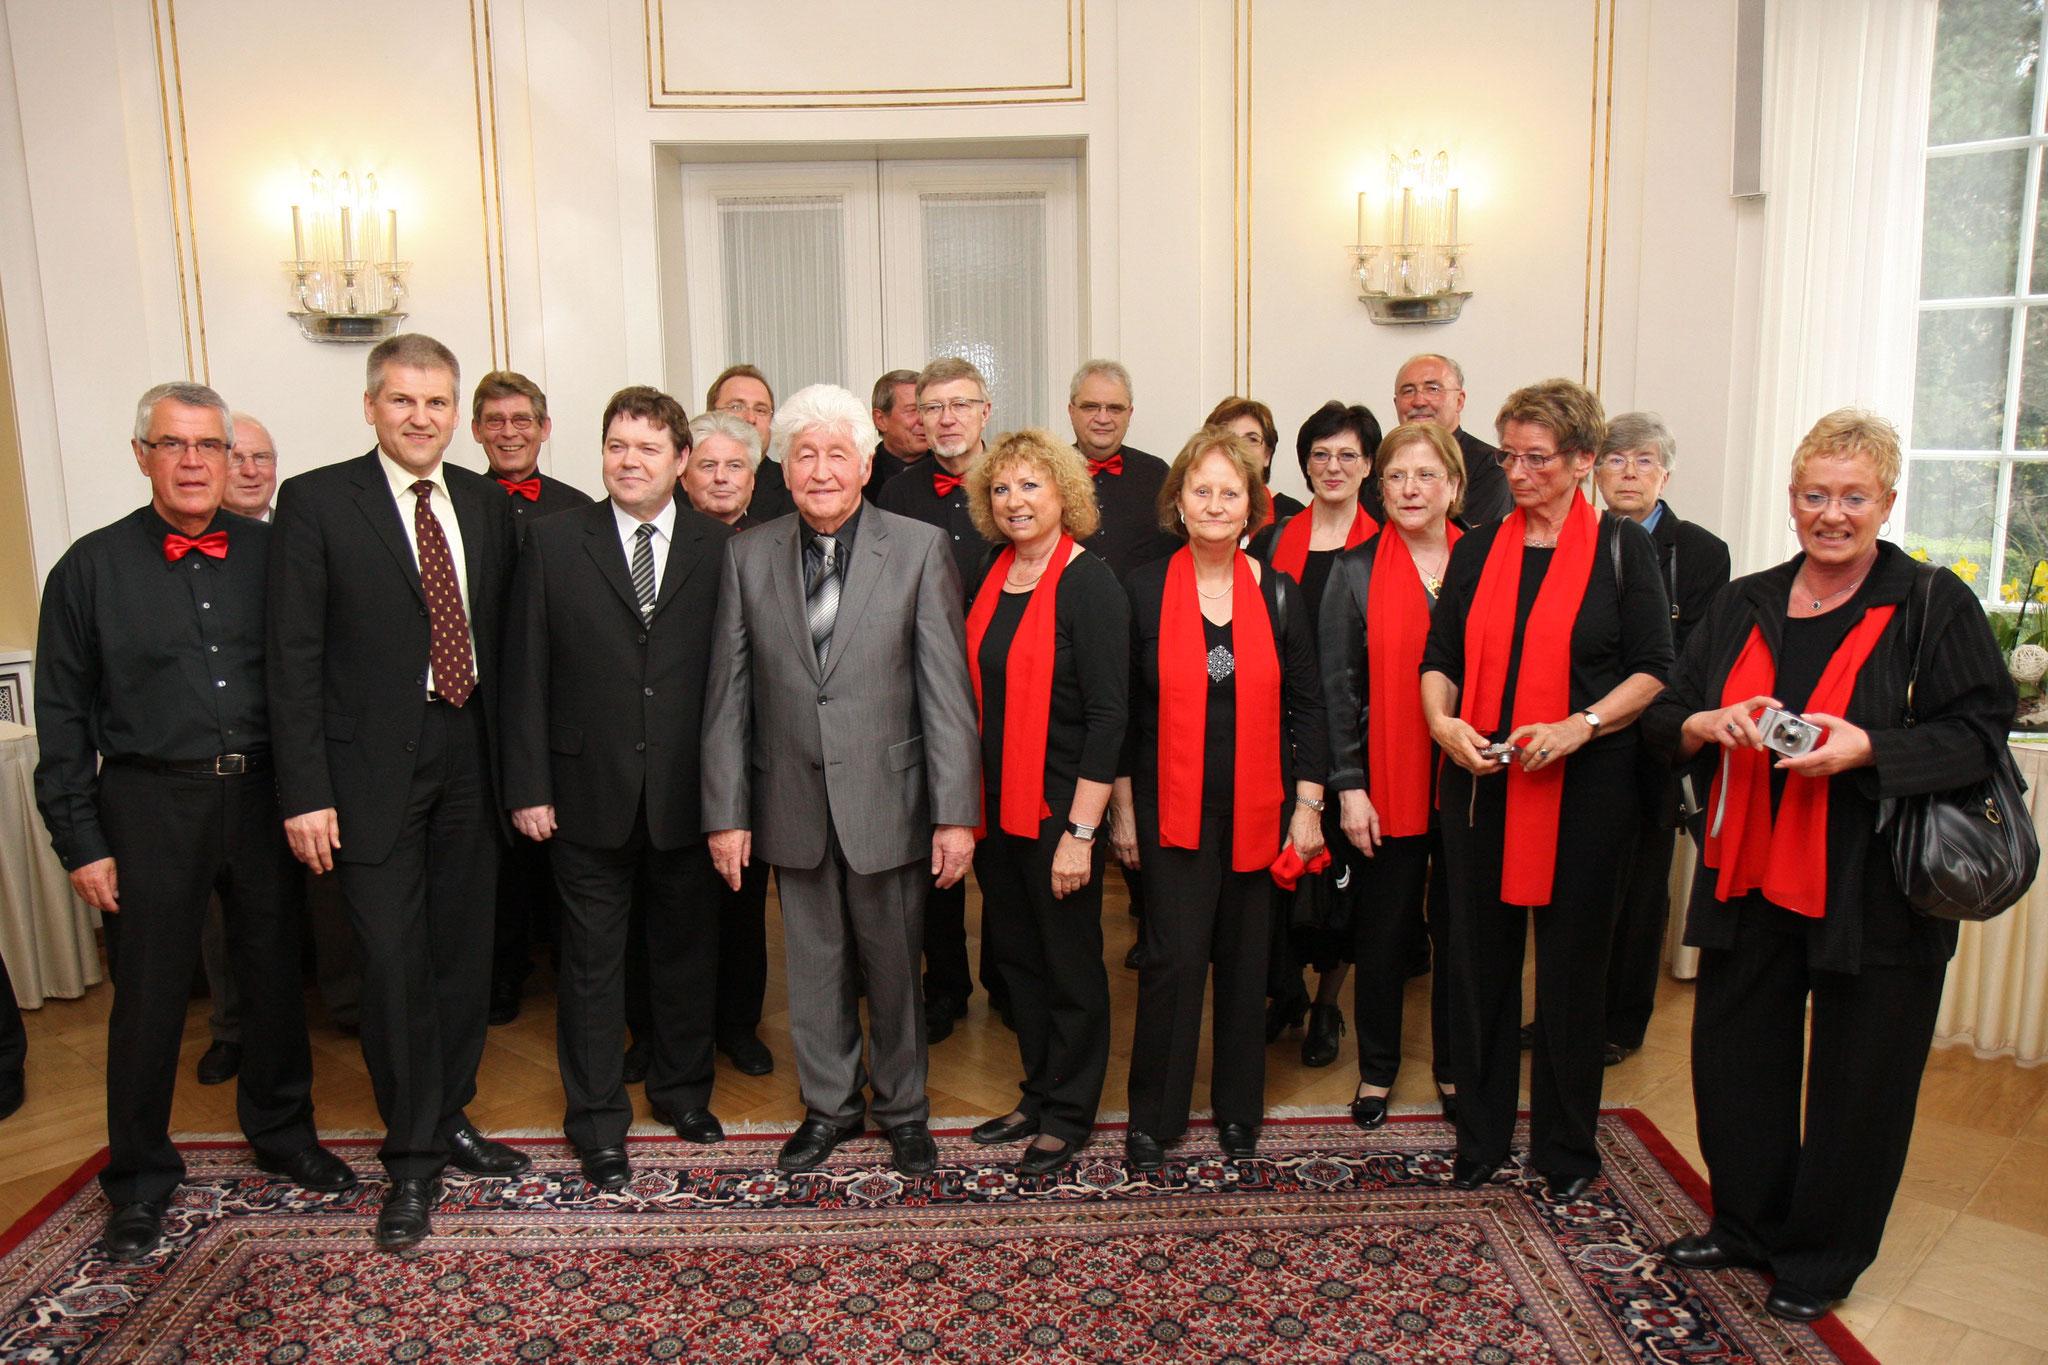 Gäste beim Empfang Villa Reitzenstein